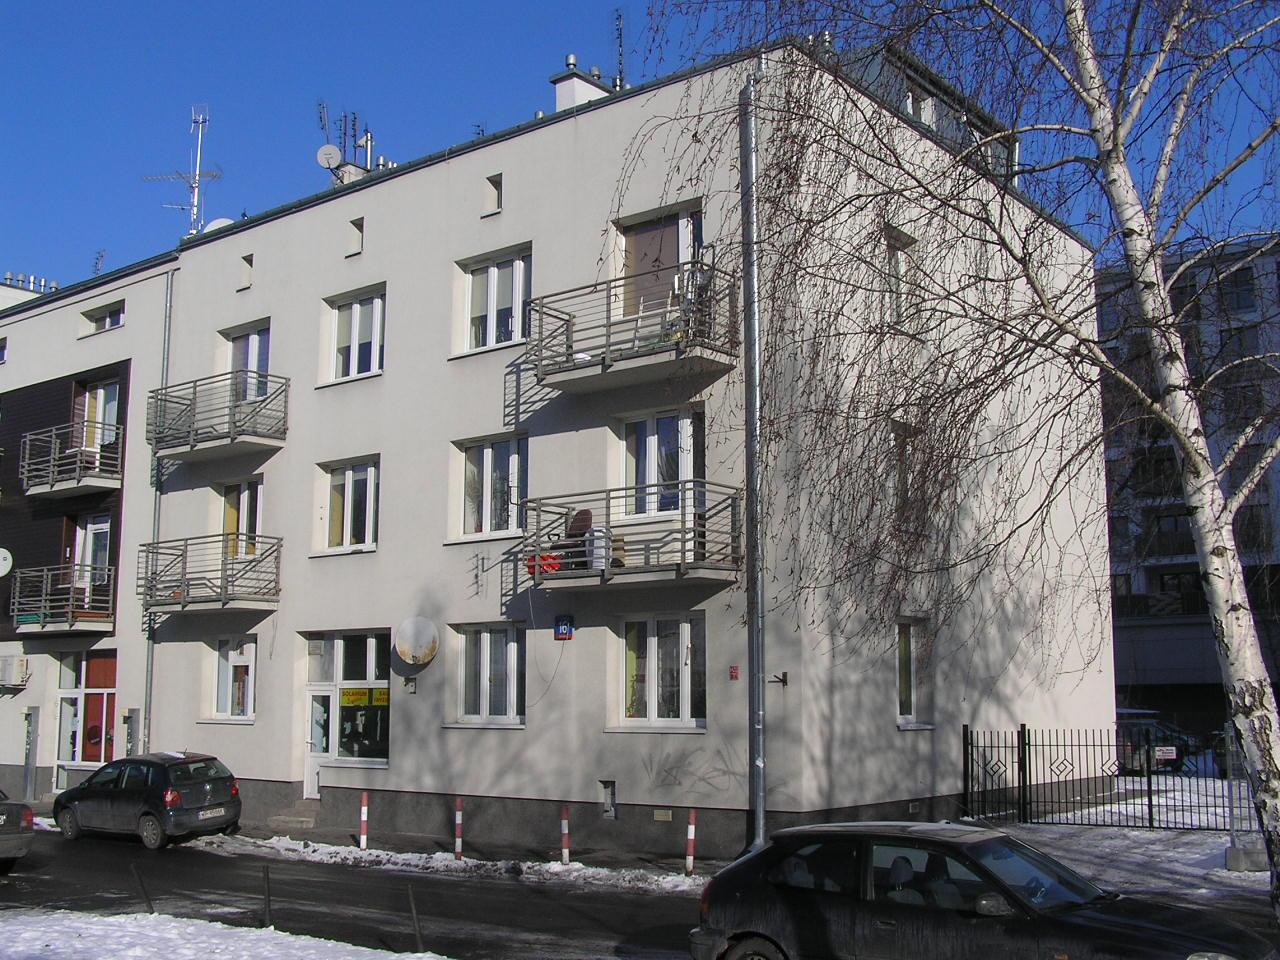 Kamienica przy ulicy Ostrołęckiej 16 na Grochowie